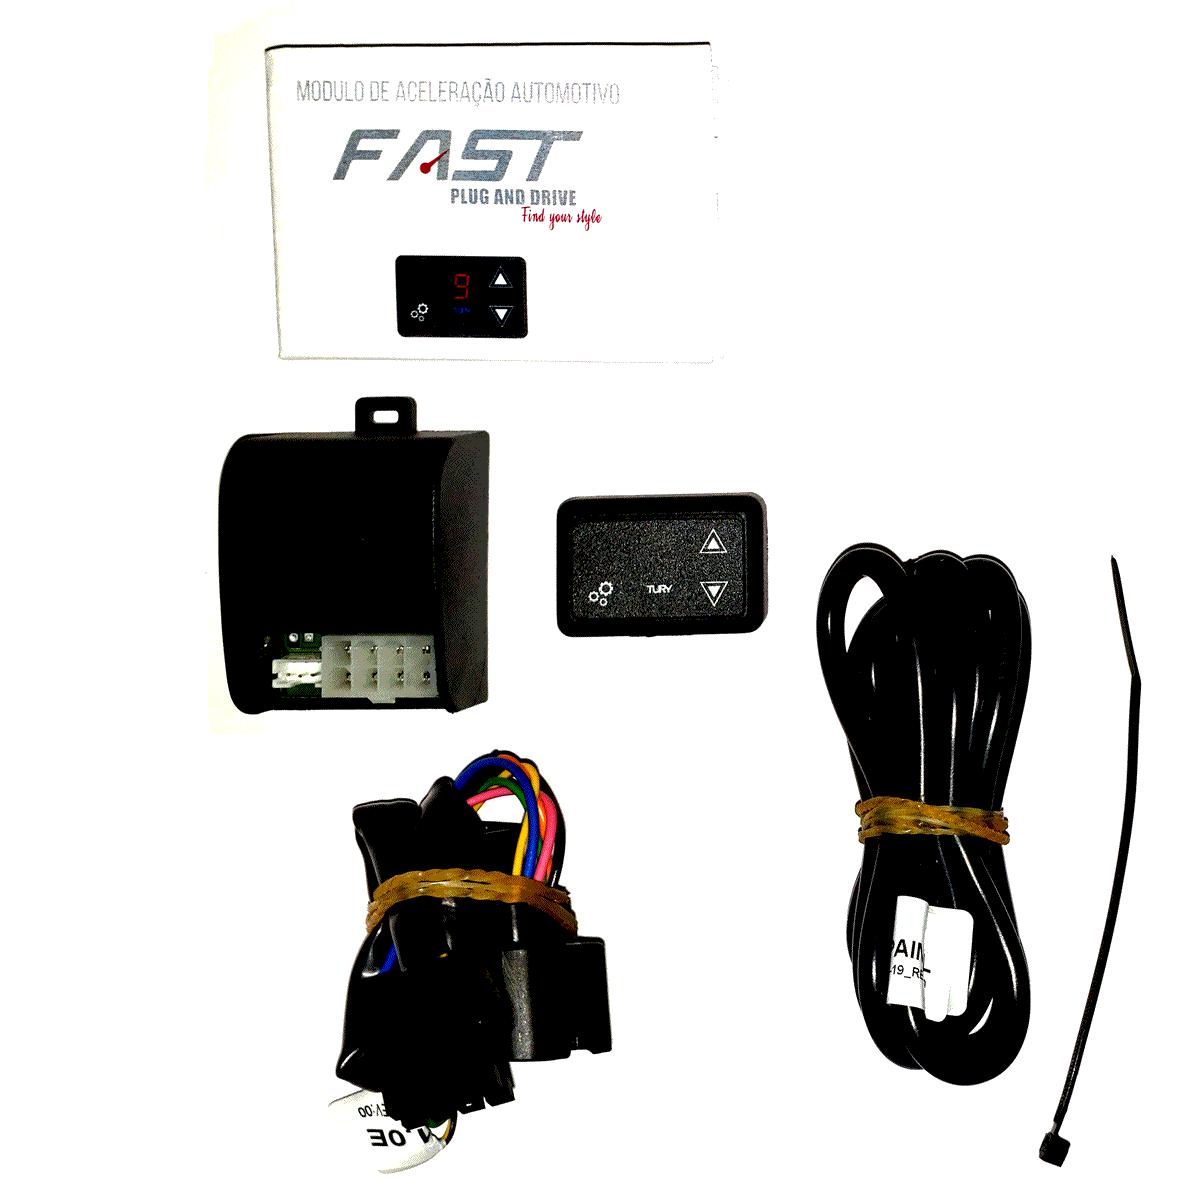 Fast 1.0 M GM Chevrolet Módulo Acelerador Plug & Play